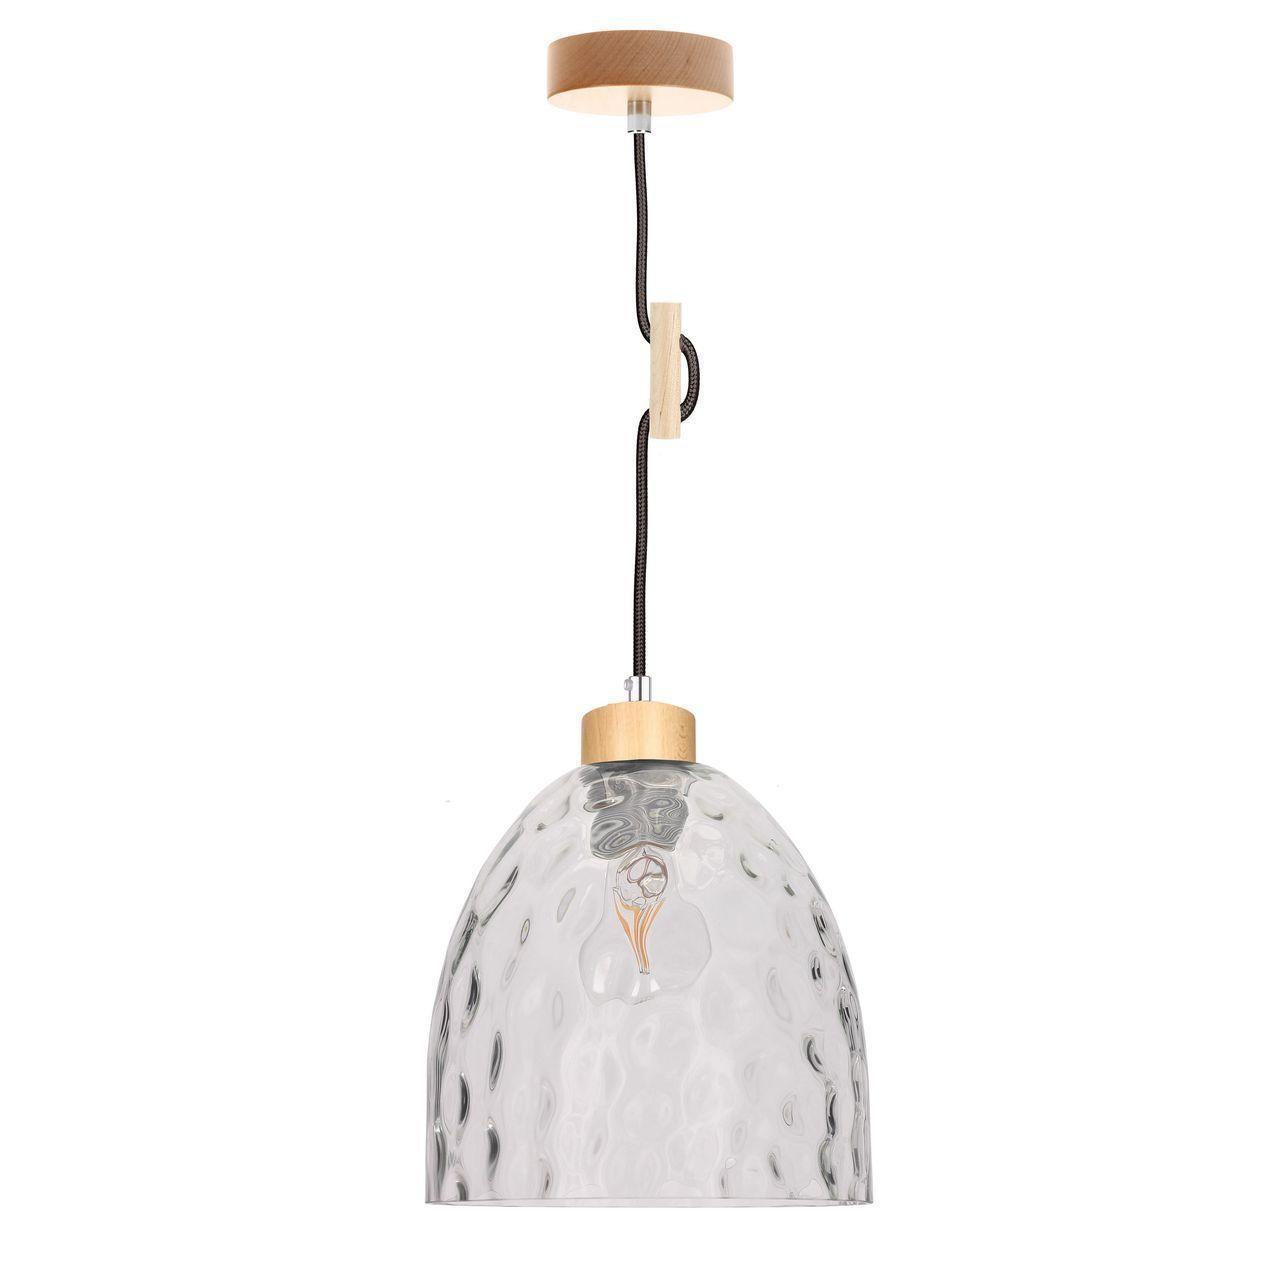 Подвесной светильник Spot Light Aura 1458160 подвесной светильник spot light aura 1458170